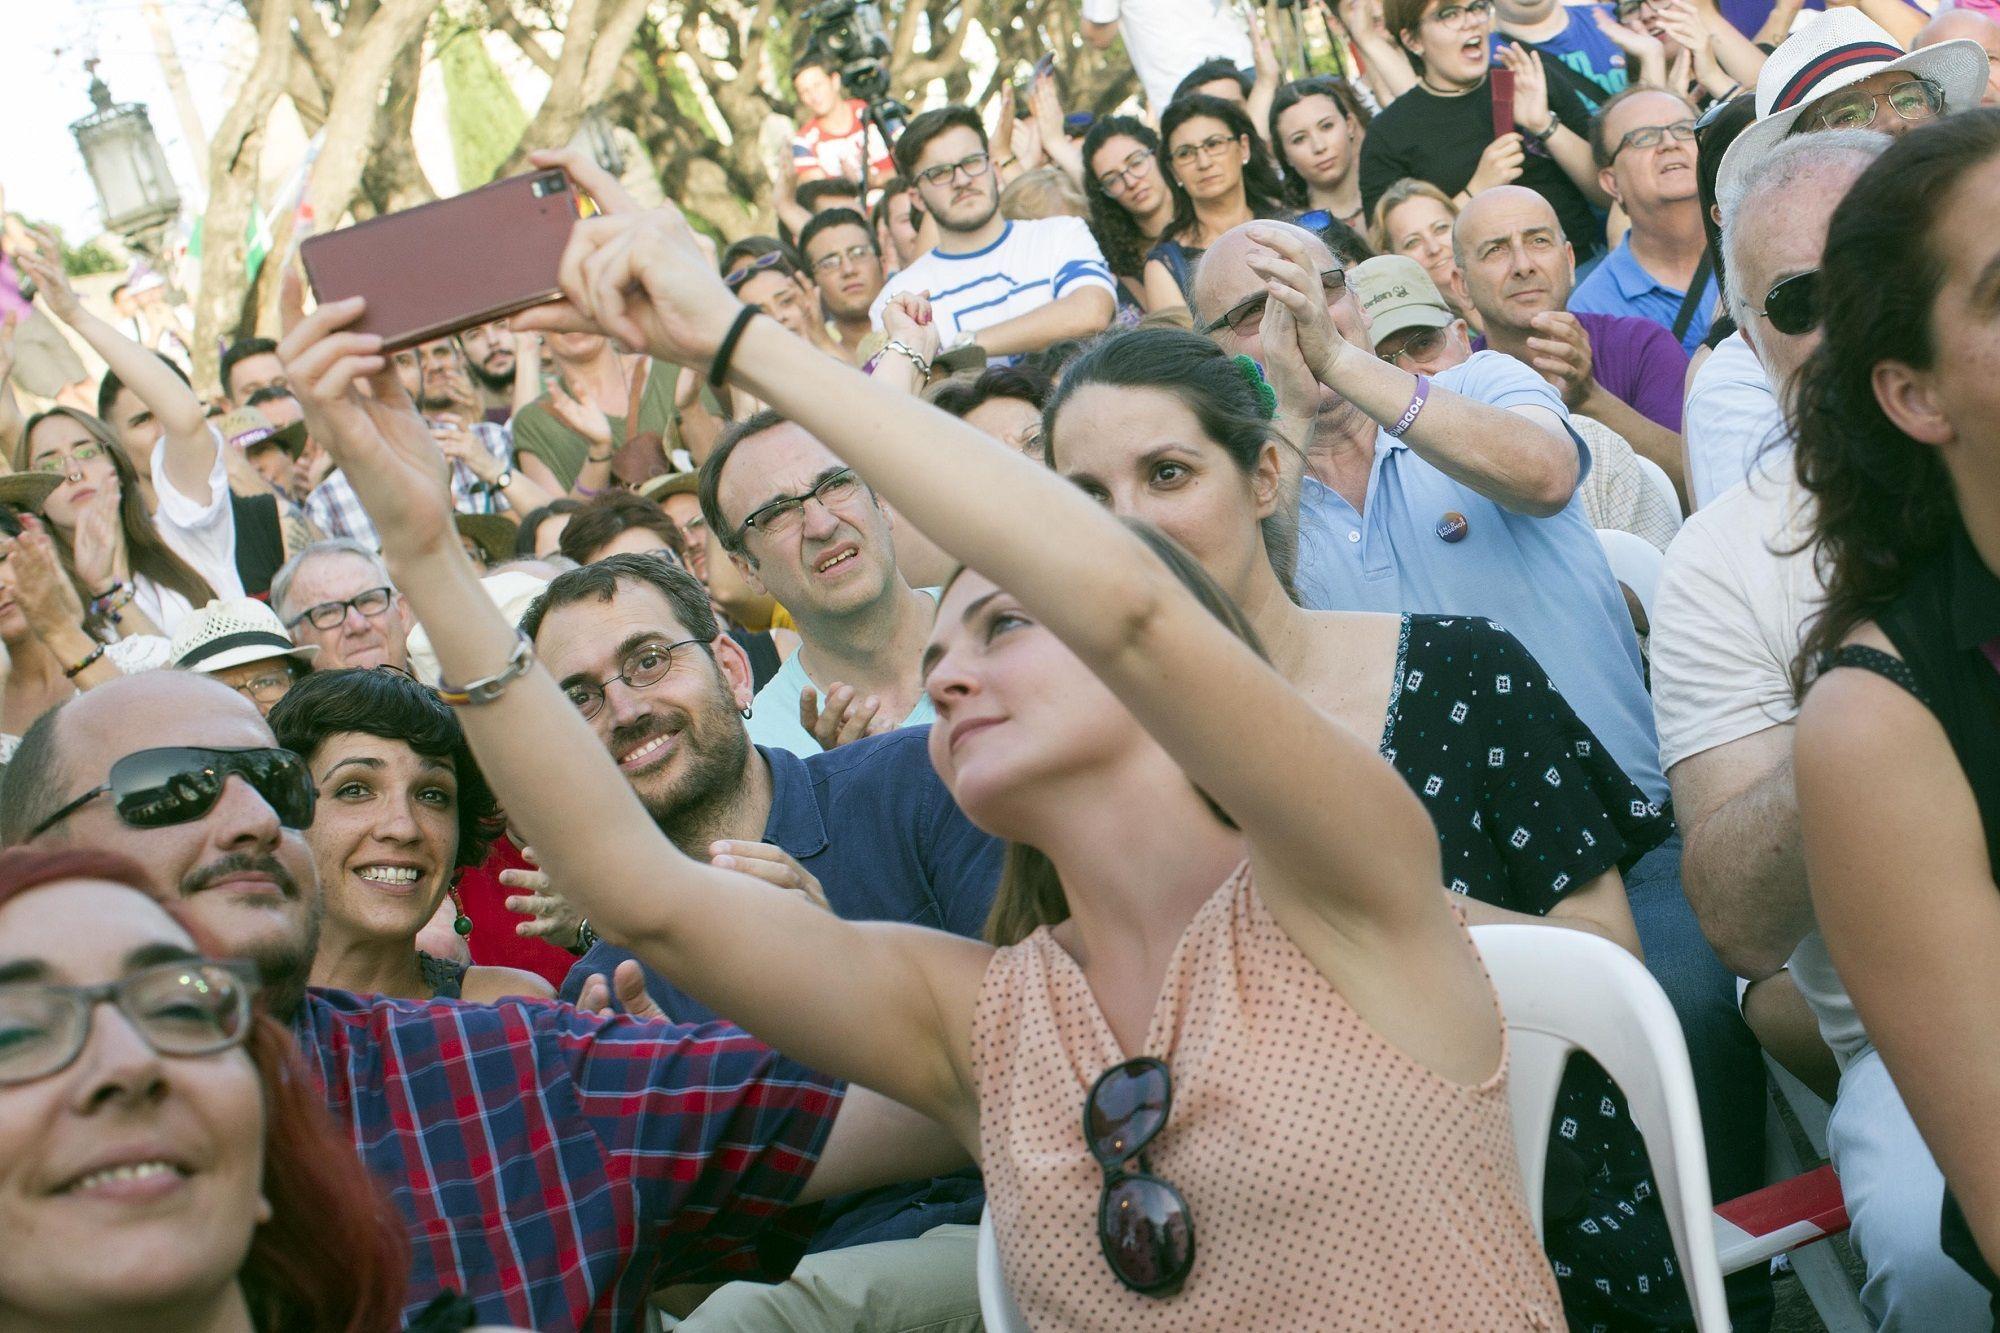 Ana Fernández, conceja de IU en el Ayuntamiento de Jerez, realizando un selfie | 23 jun 2016 | Juan Carlos Corchado para MIRA Jerez